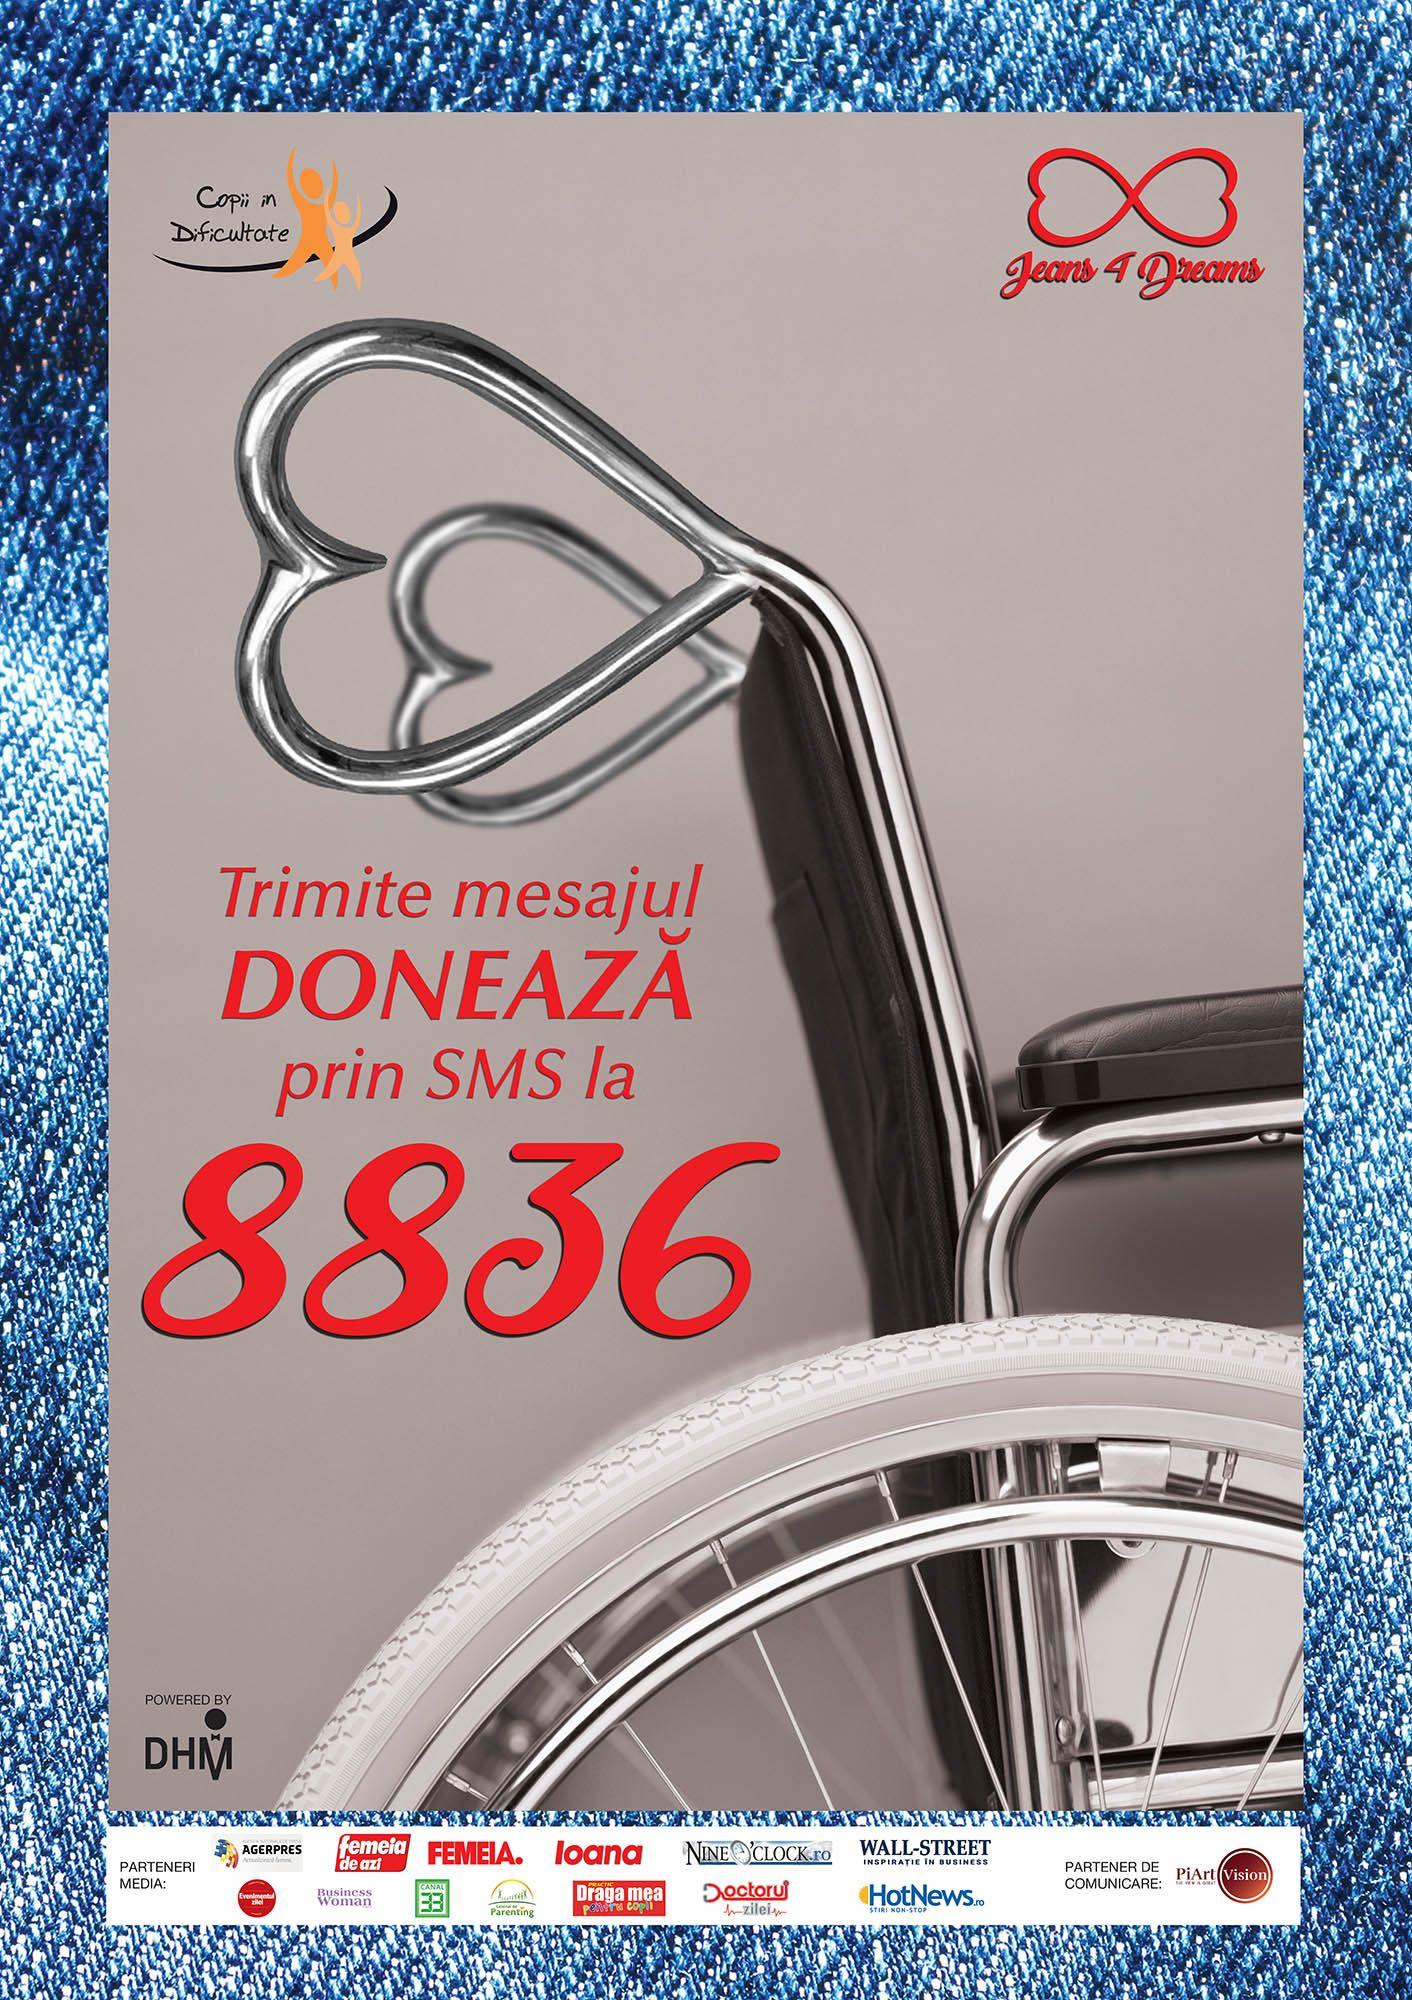 Acum poți dona 2 Euro prin SMS pentru copiii aflați în dificultate trimițând mesajul DONEAZĂ la 8836